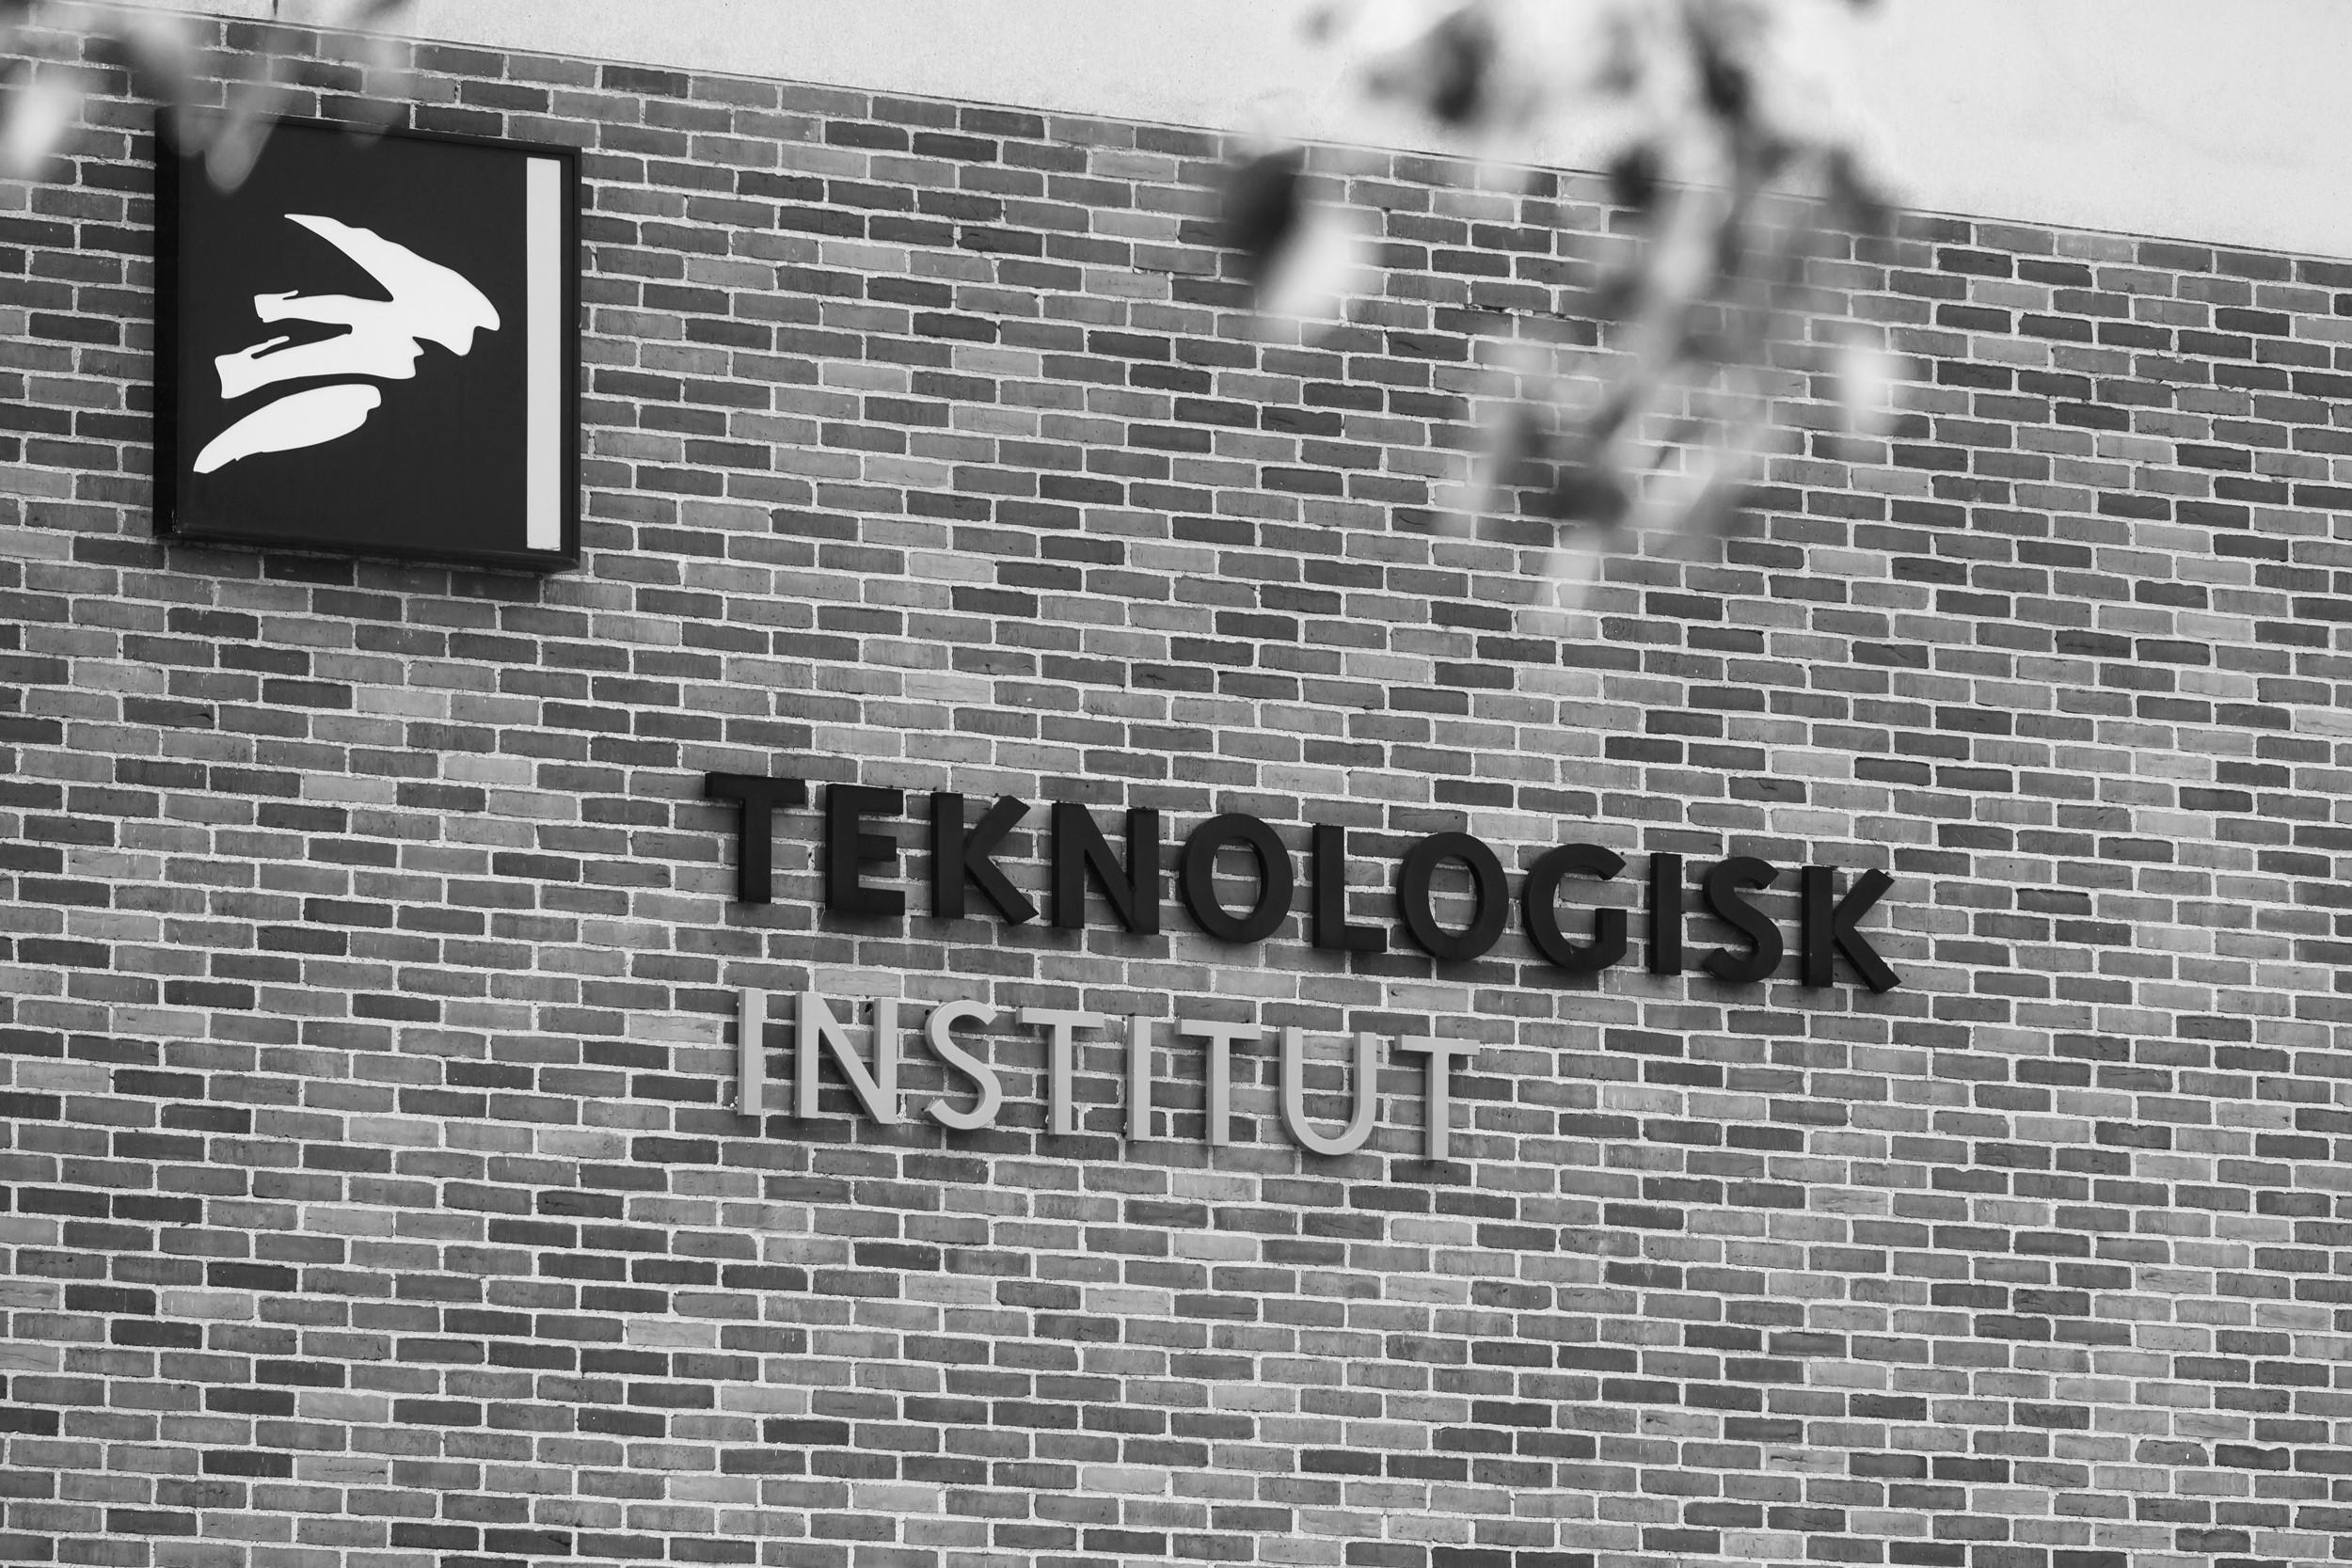 Teknologisk Institut - Teknologisk Institut styrker erhvervslivet i mødet med fremtidens teknologiske og erhvervsmæssige udfordringer, hjælper deres kunder med at udvikle nye teknologier og omsætte viden til værdi.Teknologisk Institut er specialister indenfor produktion og innovation, materialer, life science, energi, fødevarer og meget mere…Med 113 års historik, 70+ laboratorier, 1.000+ specialister, 10.000+ kunder og repræsenteret i 65 lande med 8 danske lokationer er forventningerne til Teknologisk Instituts interne IT høje.Zentura samarbejder tæt med Teknologisk Institut omkring deres IT infrastruktur, som i dag drives på en HCI løsning fra Nutanix og Lenovo.